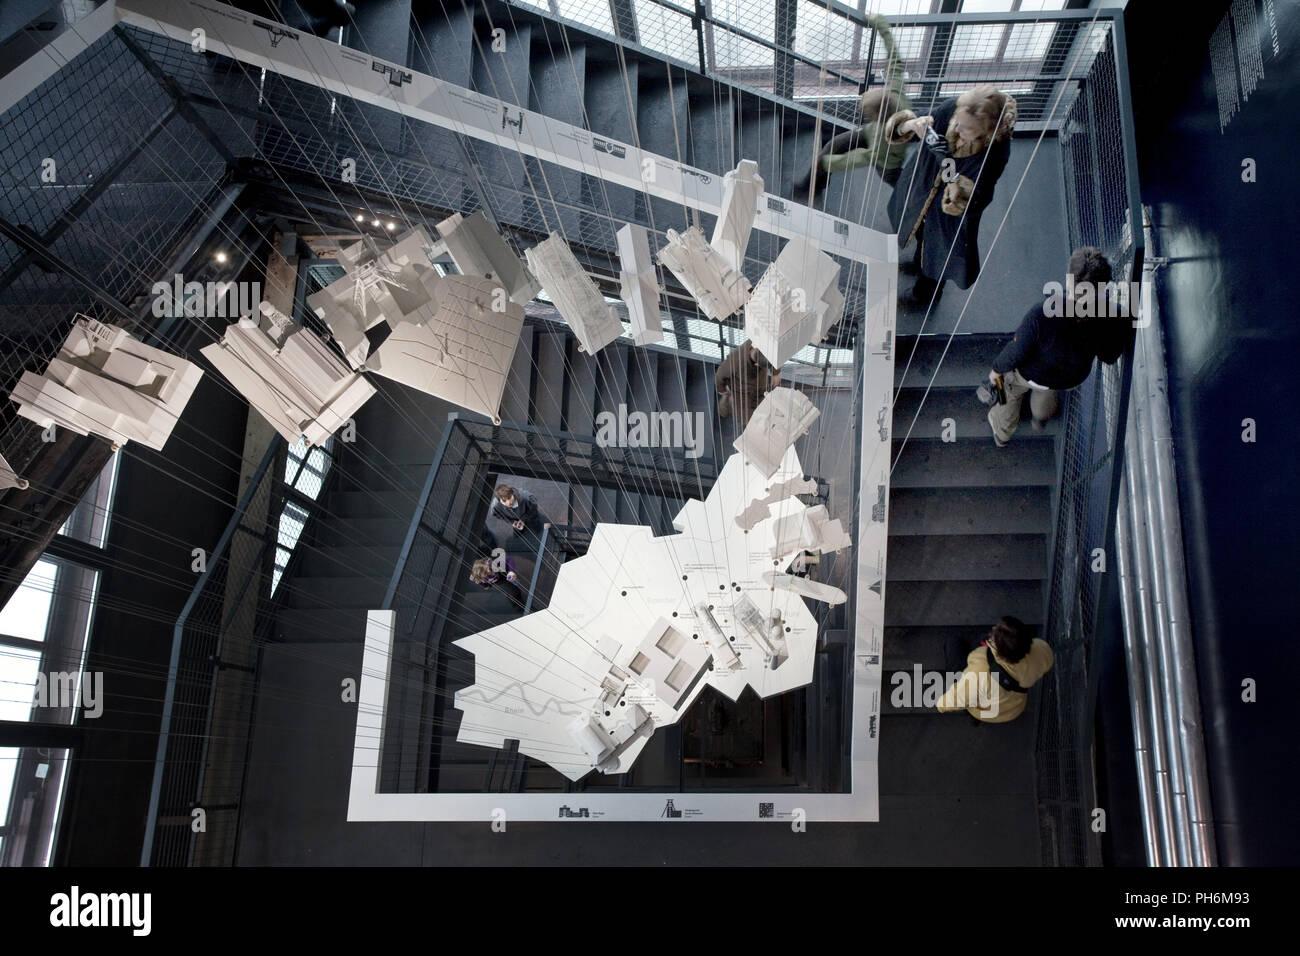 Portail du patrimoine industriel, Zollverein, Essen Photo Stock